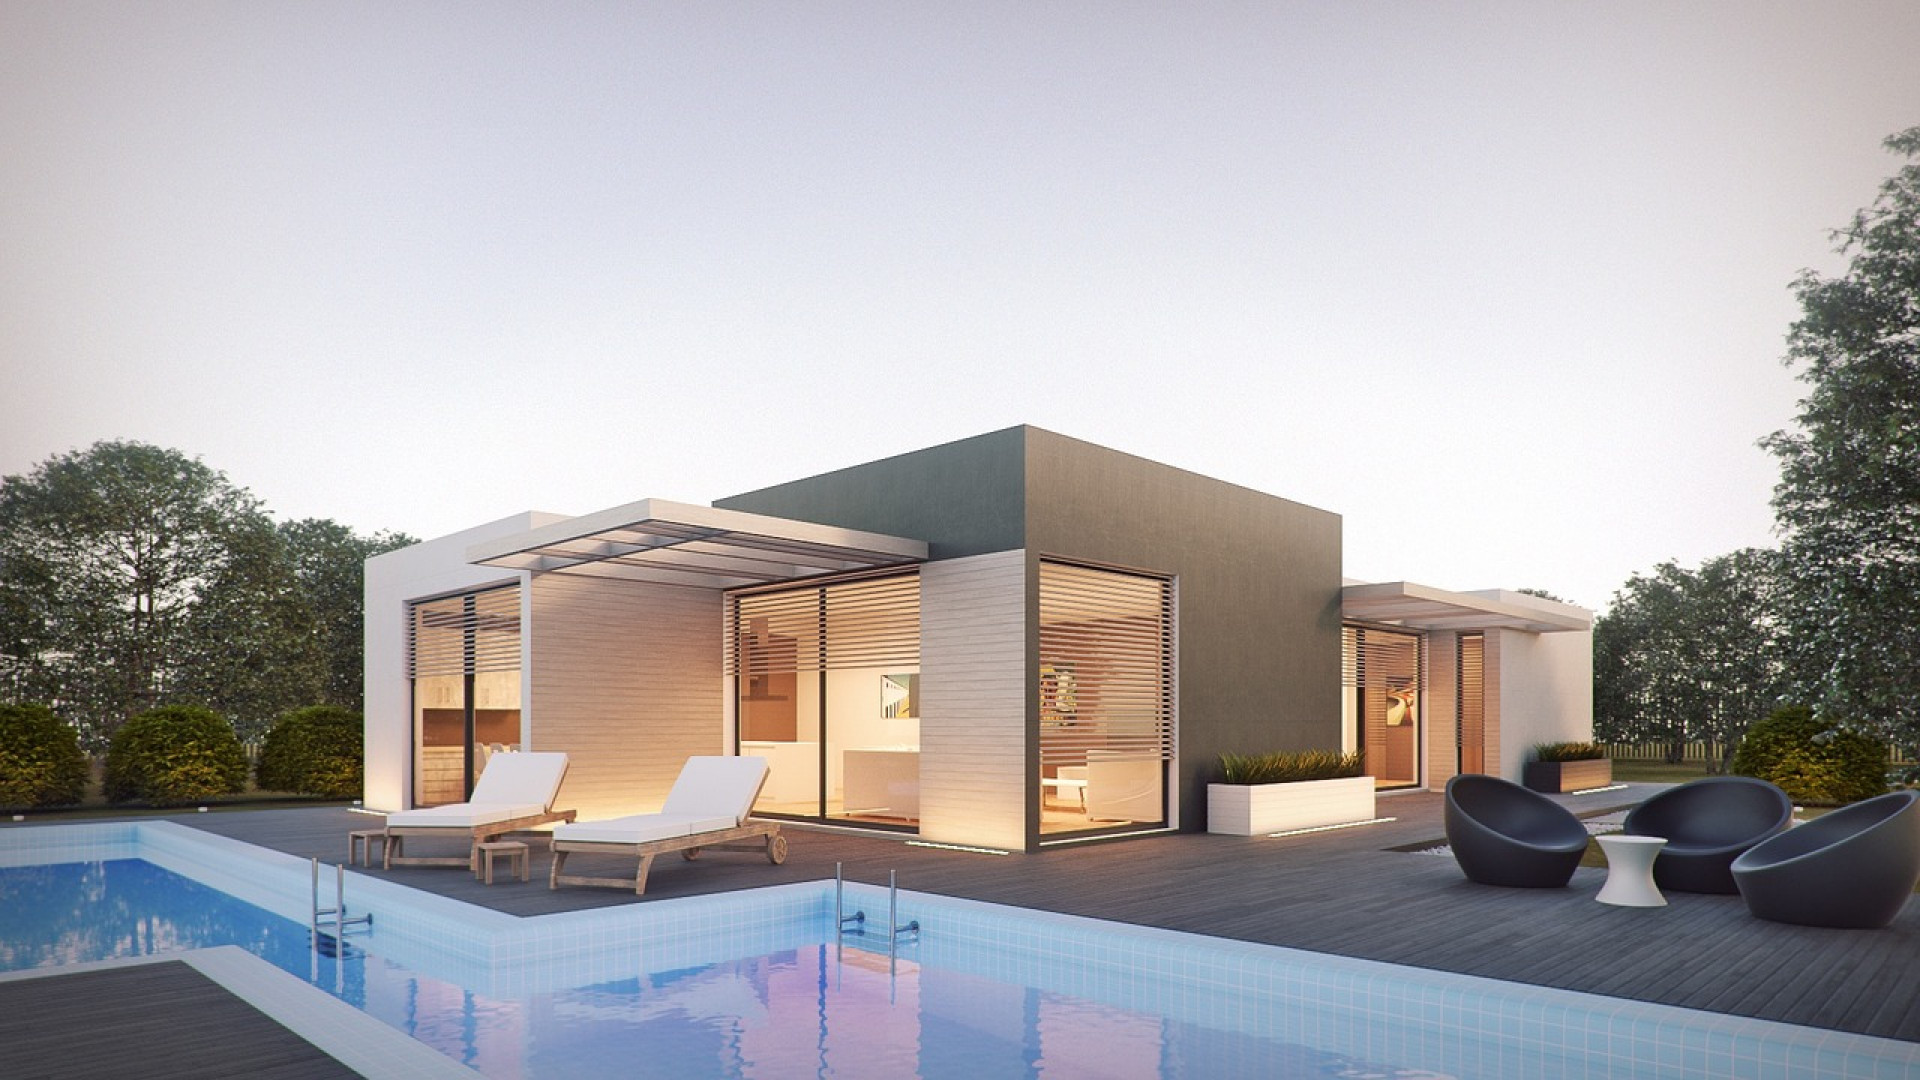 Pourquoi construire une maison personnalisée ?